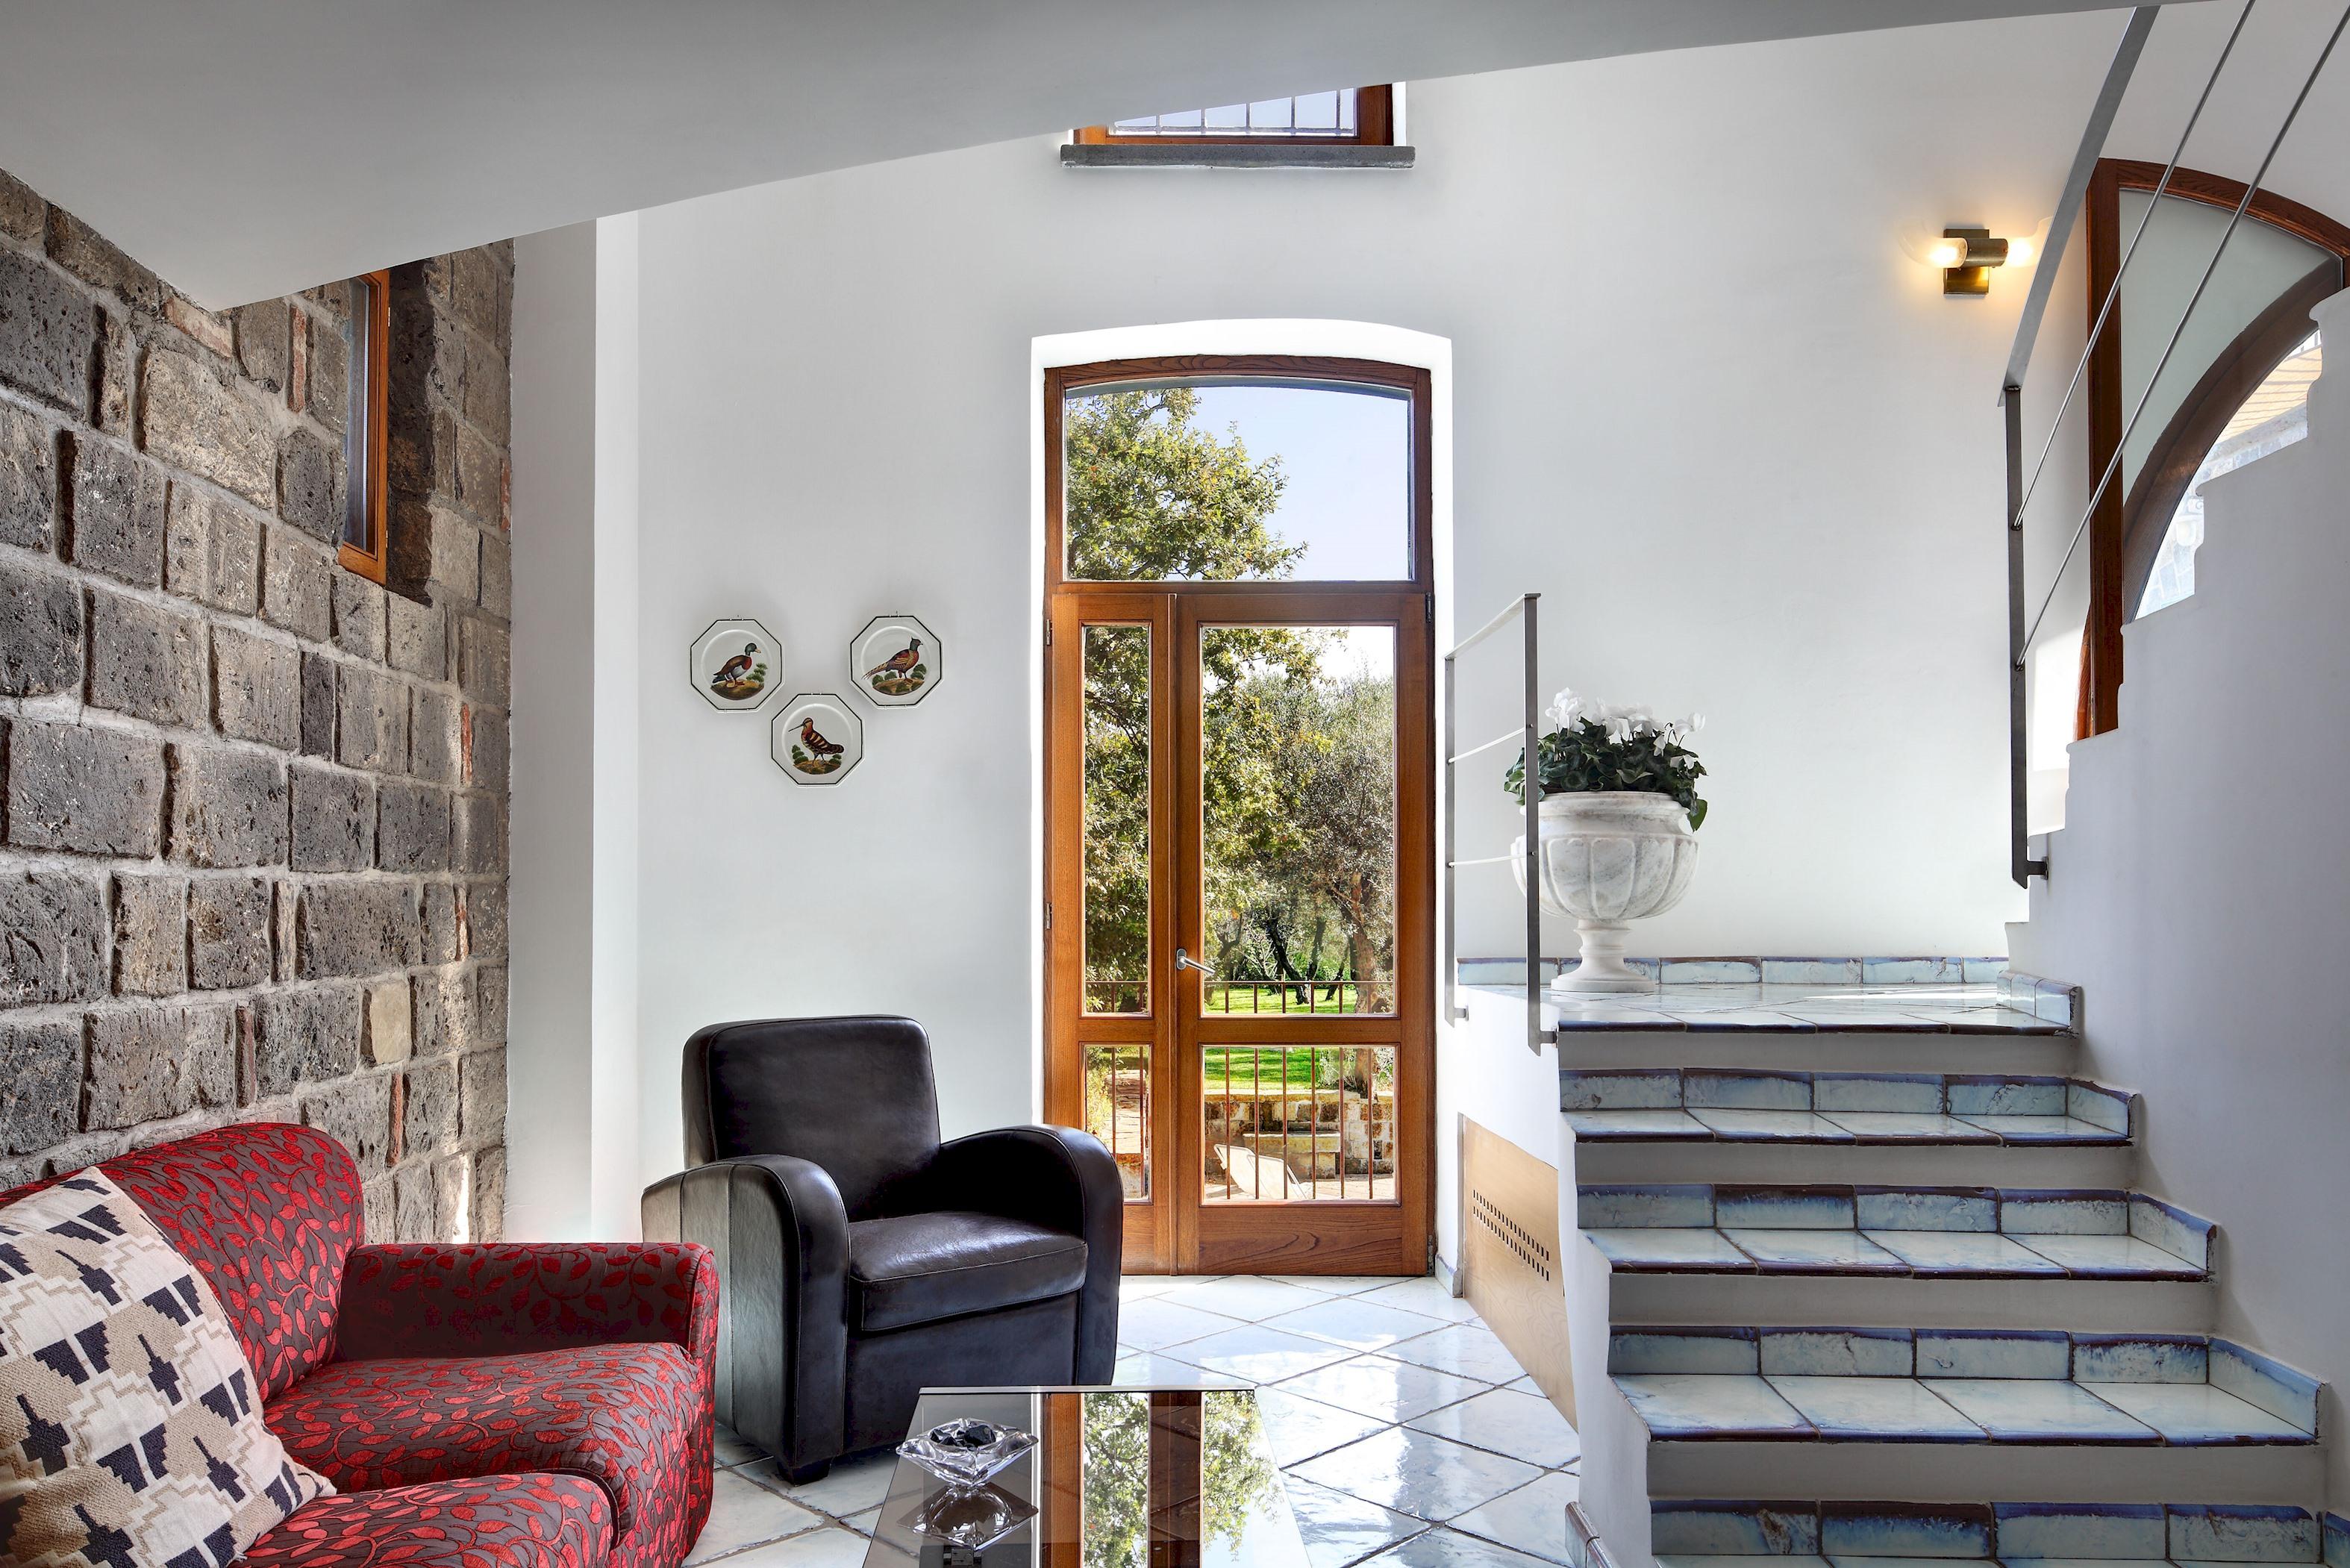 Apartment Villa Vesuvio - Luxury and Beauty photo 25033406